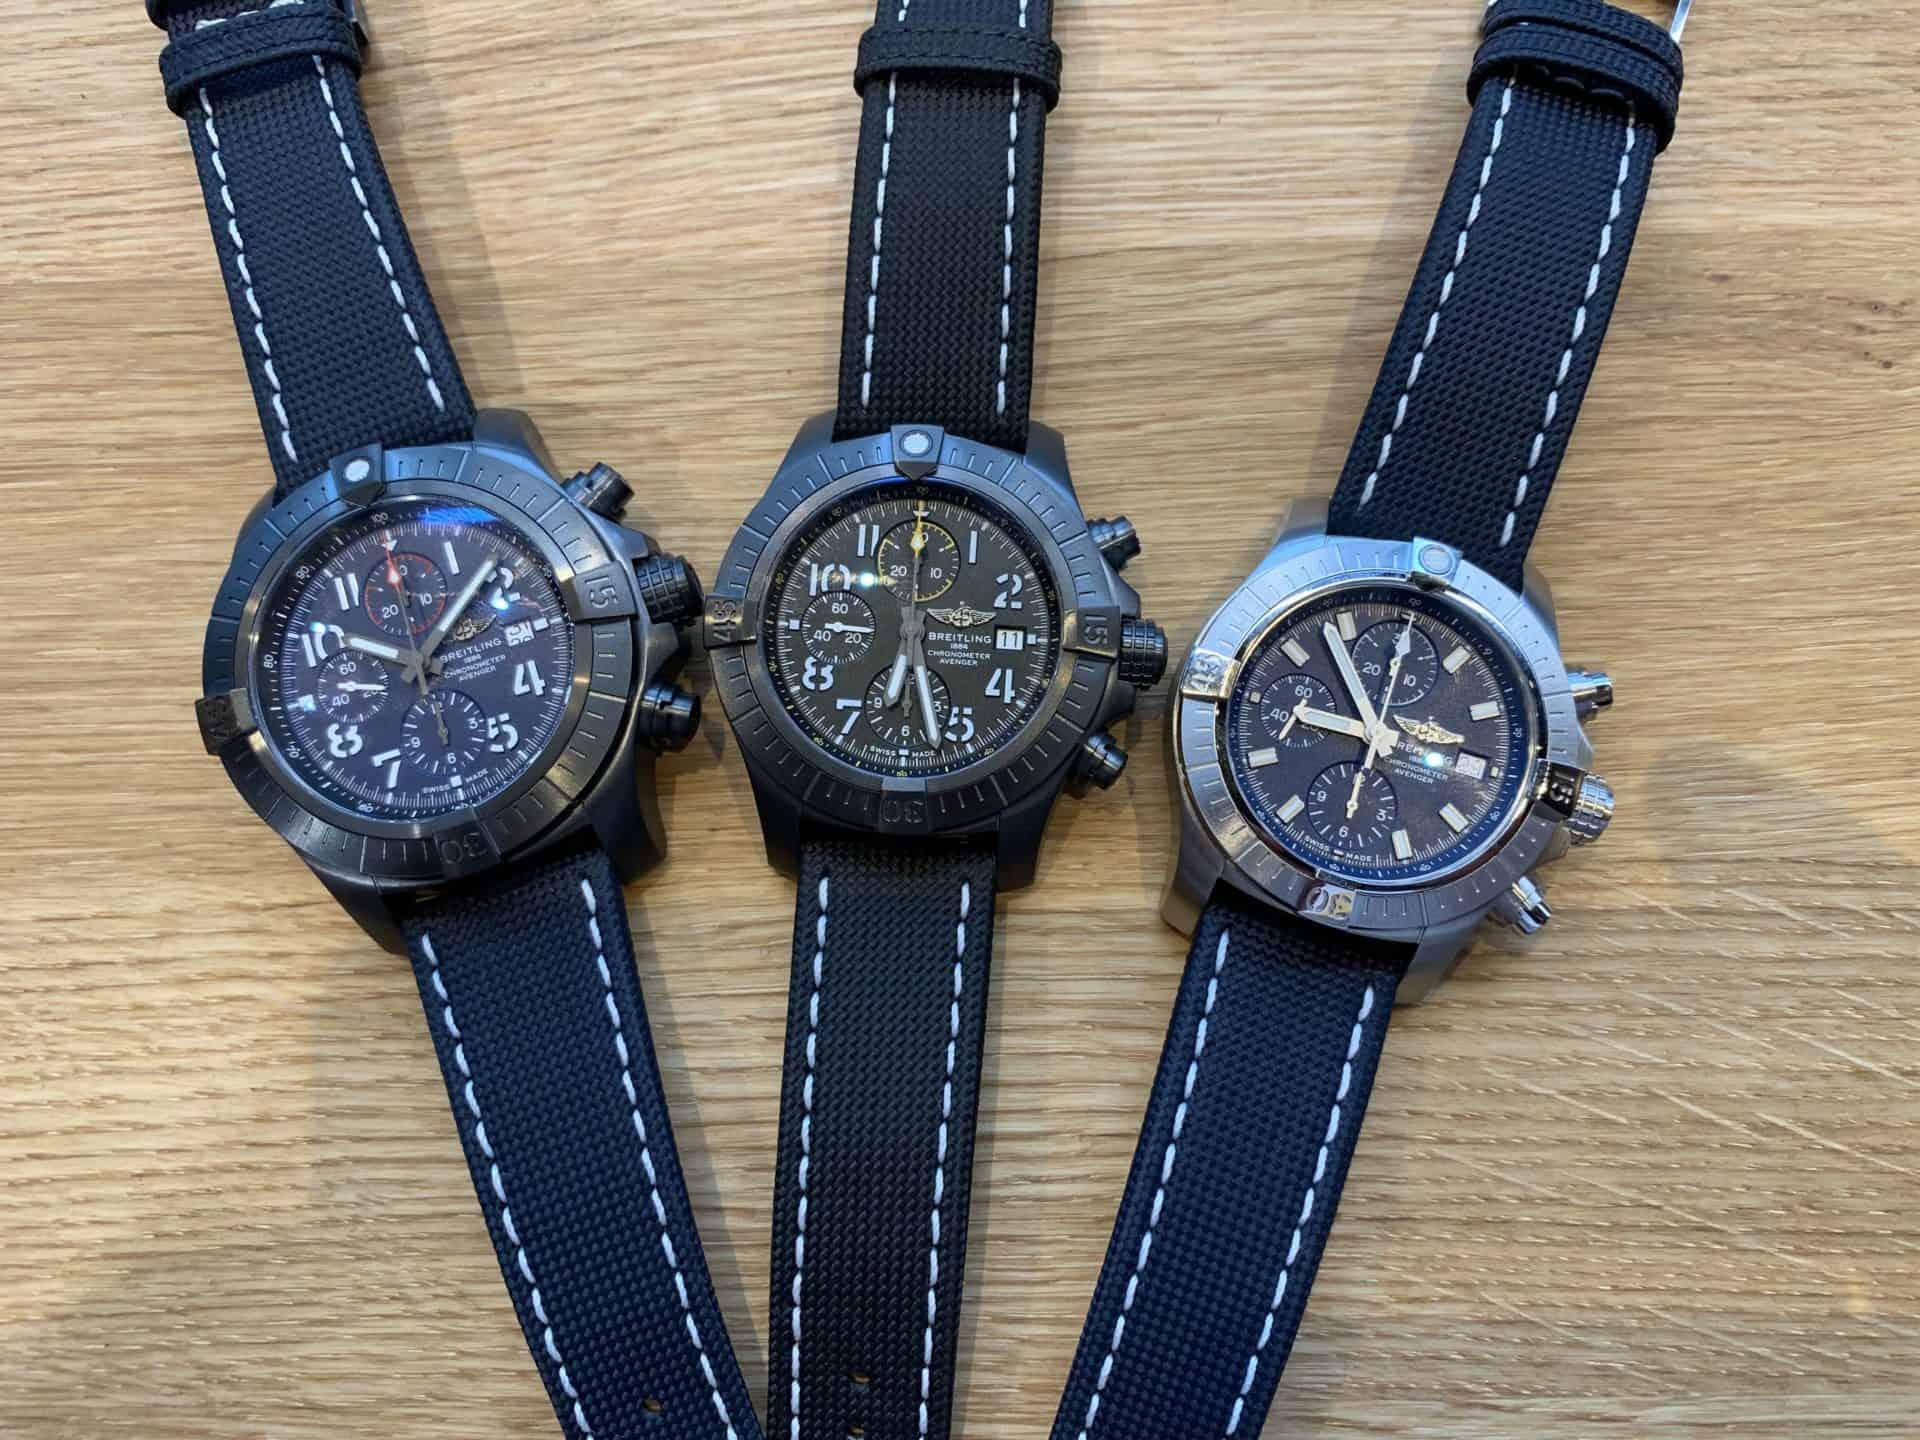 Breitling Avenger Chronograph 48 45 43 Foto GLB